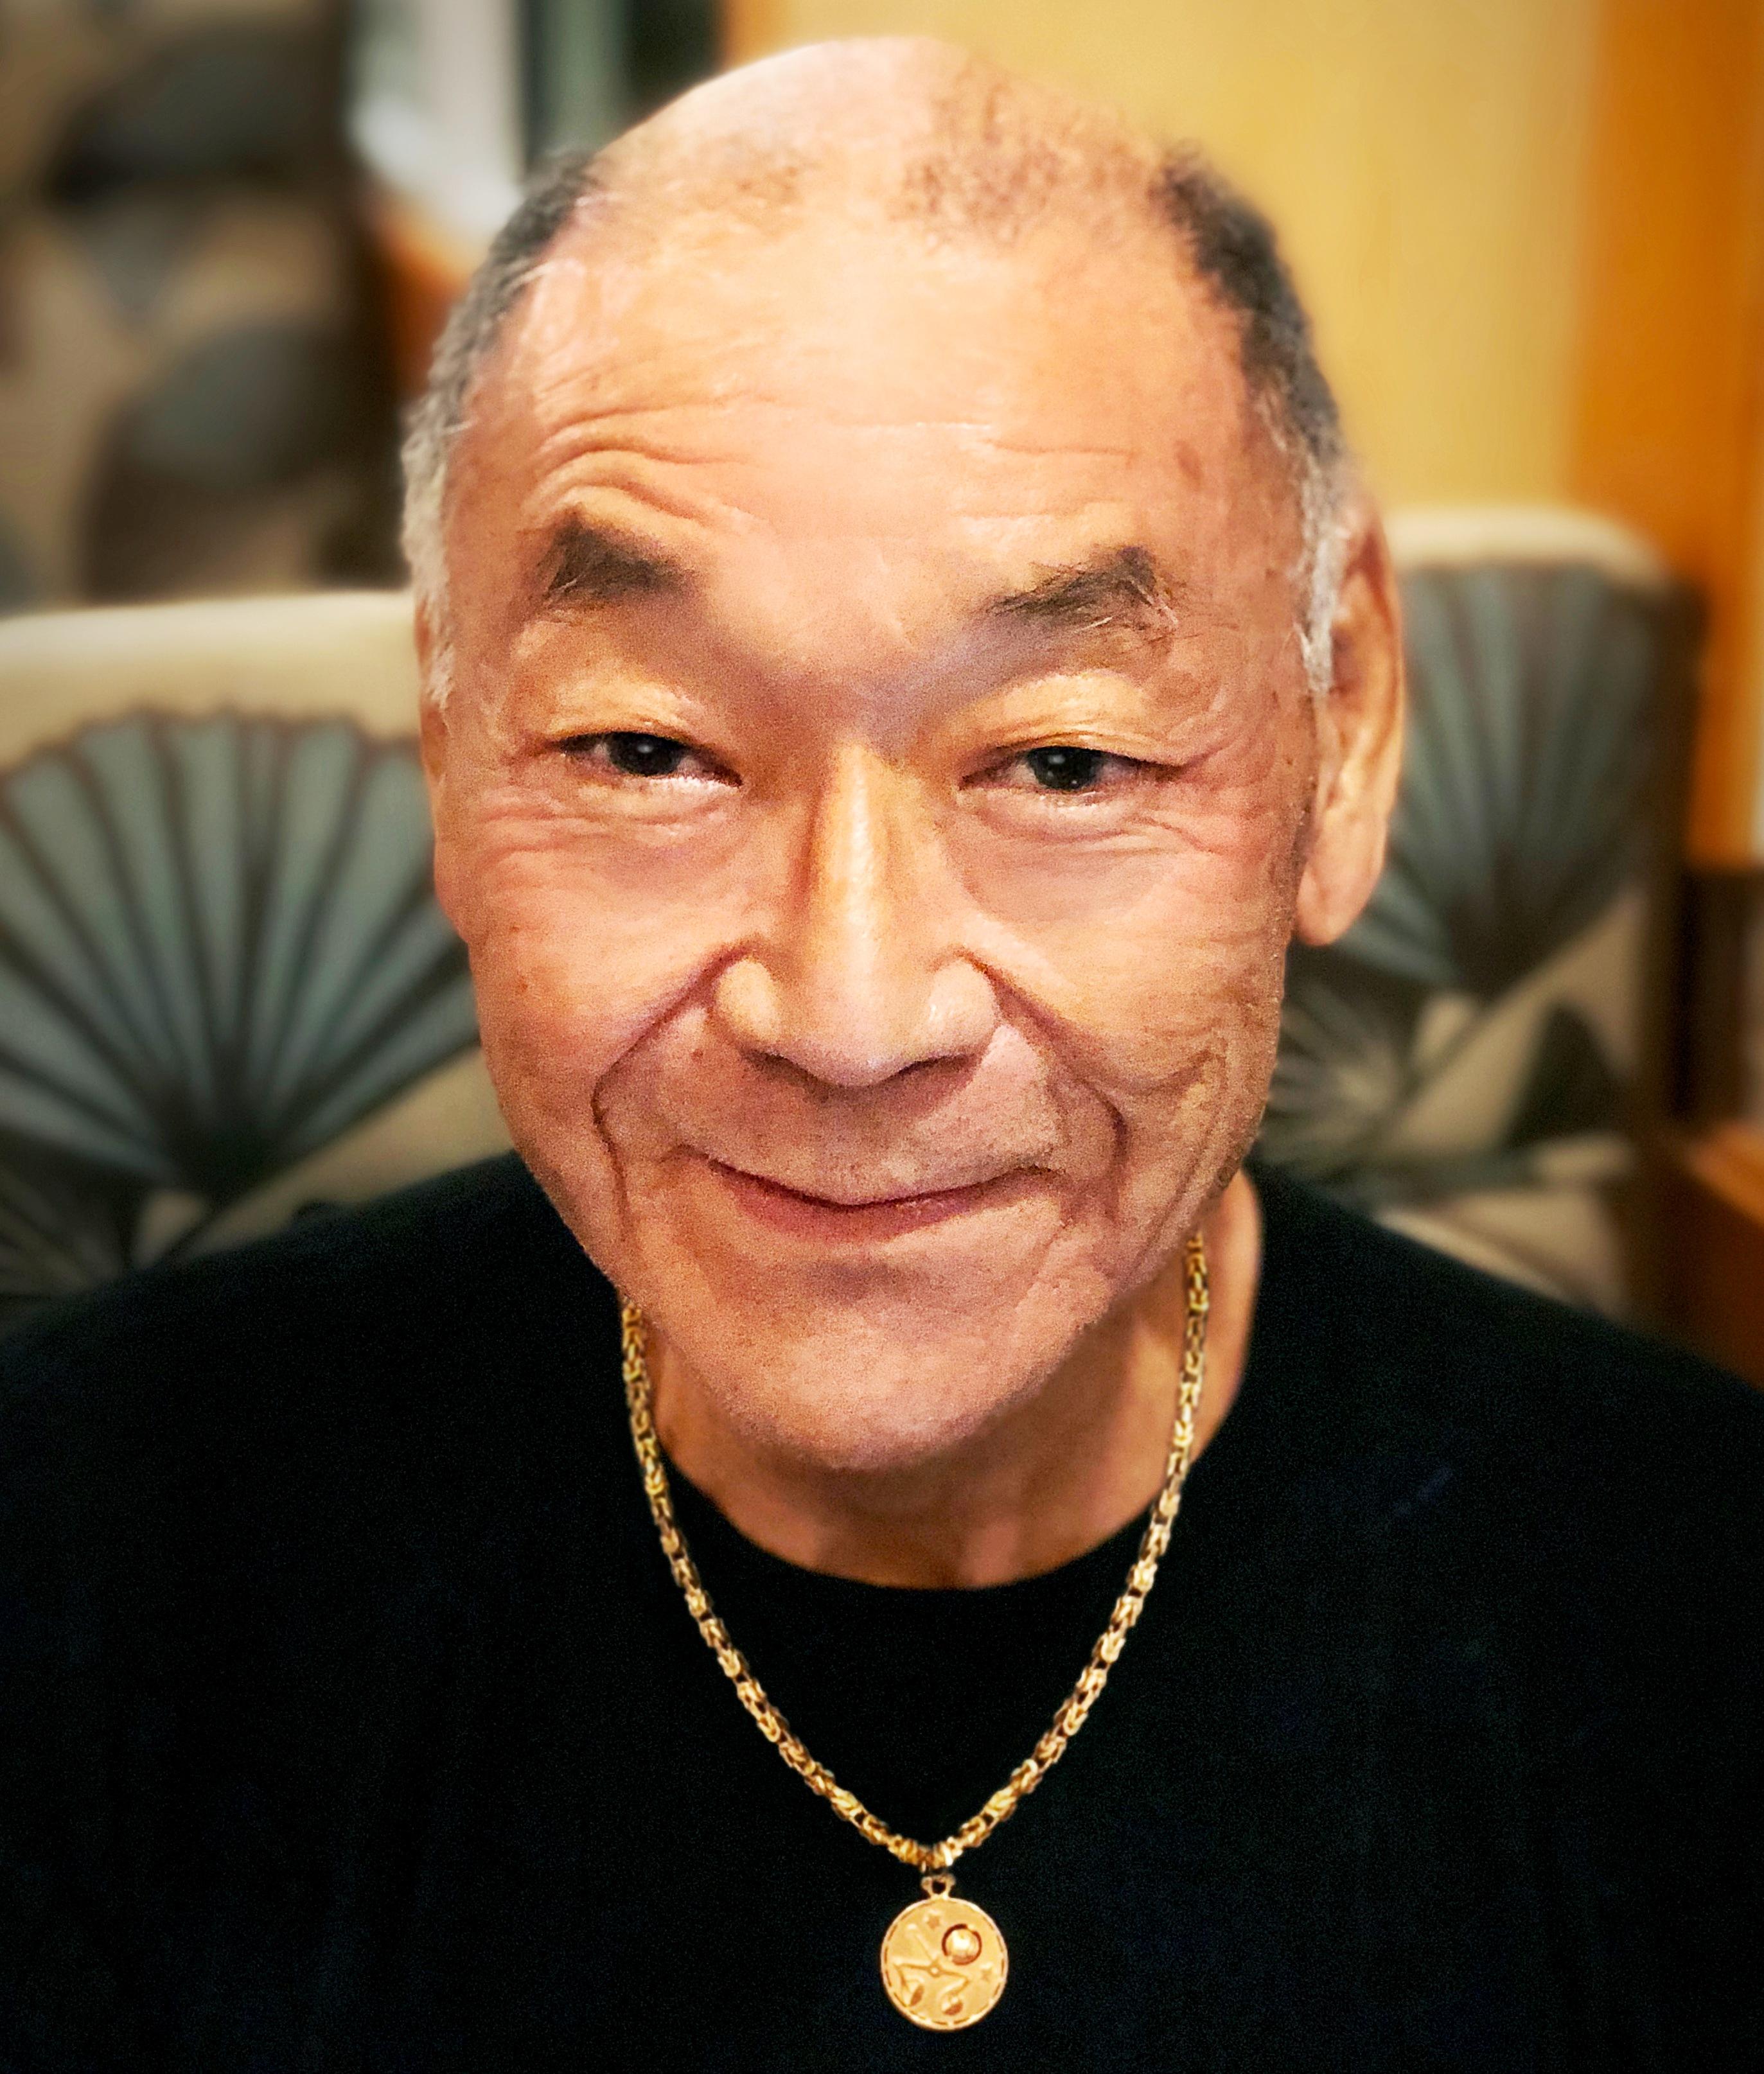 Ernest Kazuyoshi Harada